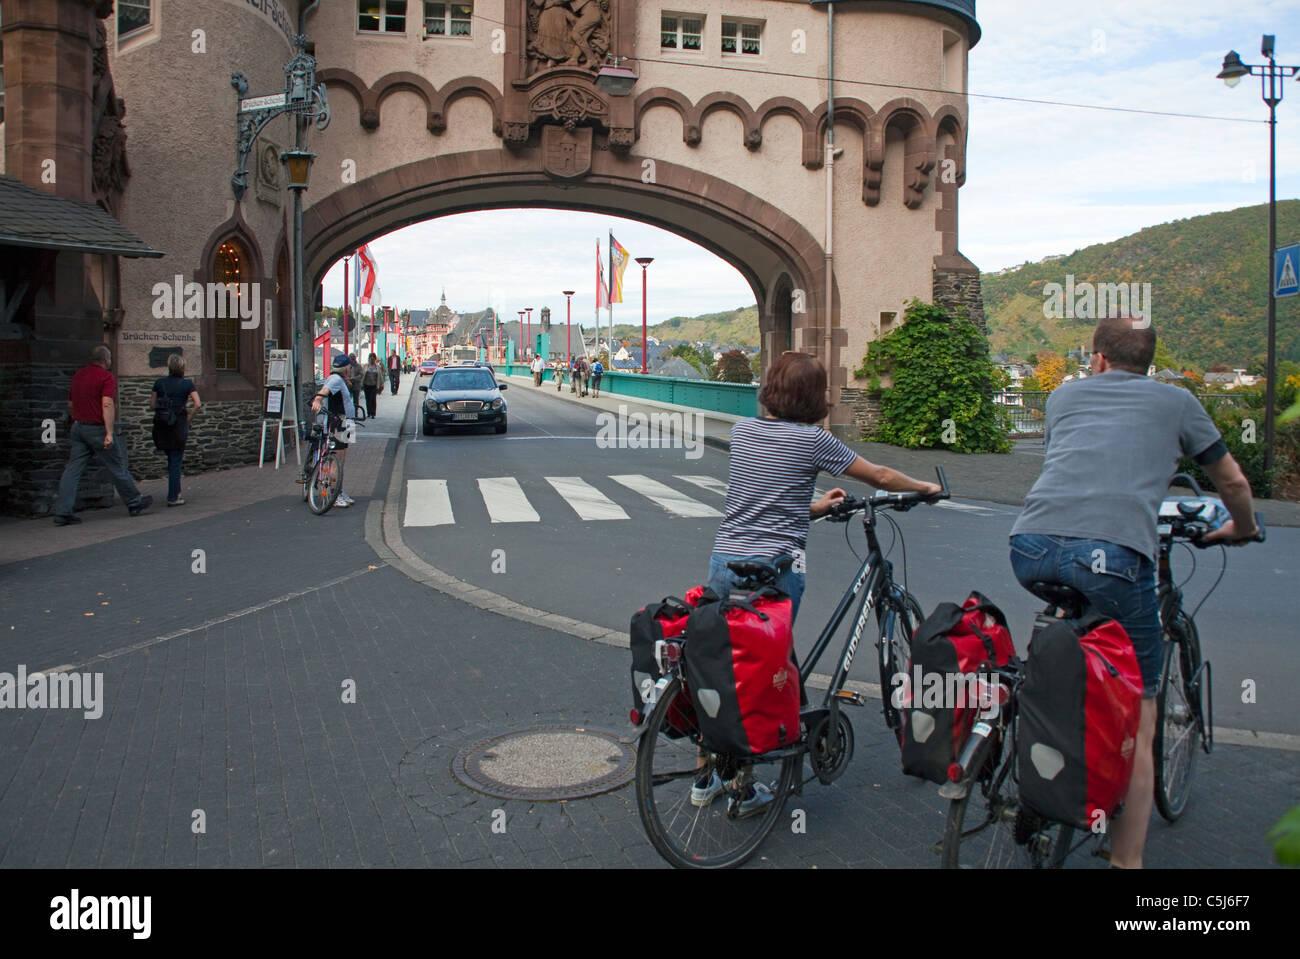 Radfahrer vor dem Brueckentor, Wahrzeichen von Traben-Trarbach, Mosel, Biker, Bridge gate, landmark of Traben-Trarbach, - Stock Image